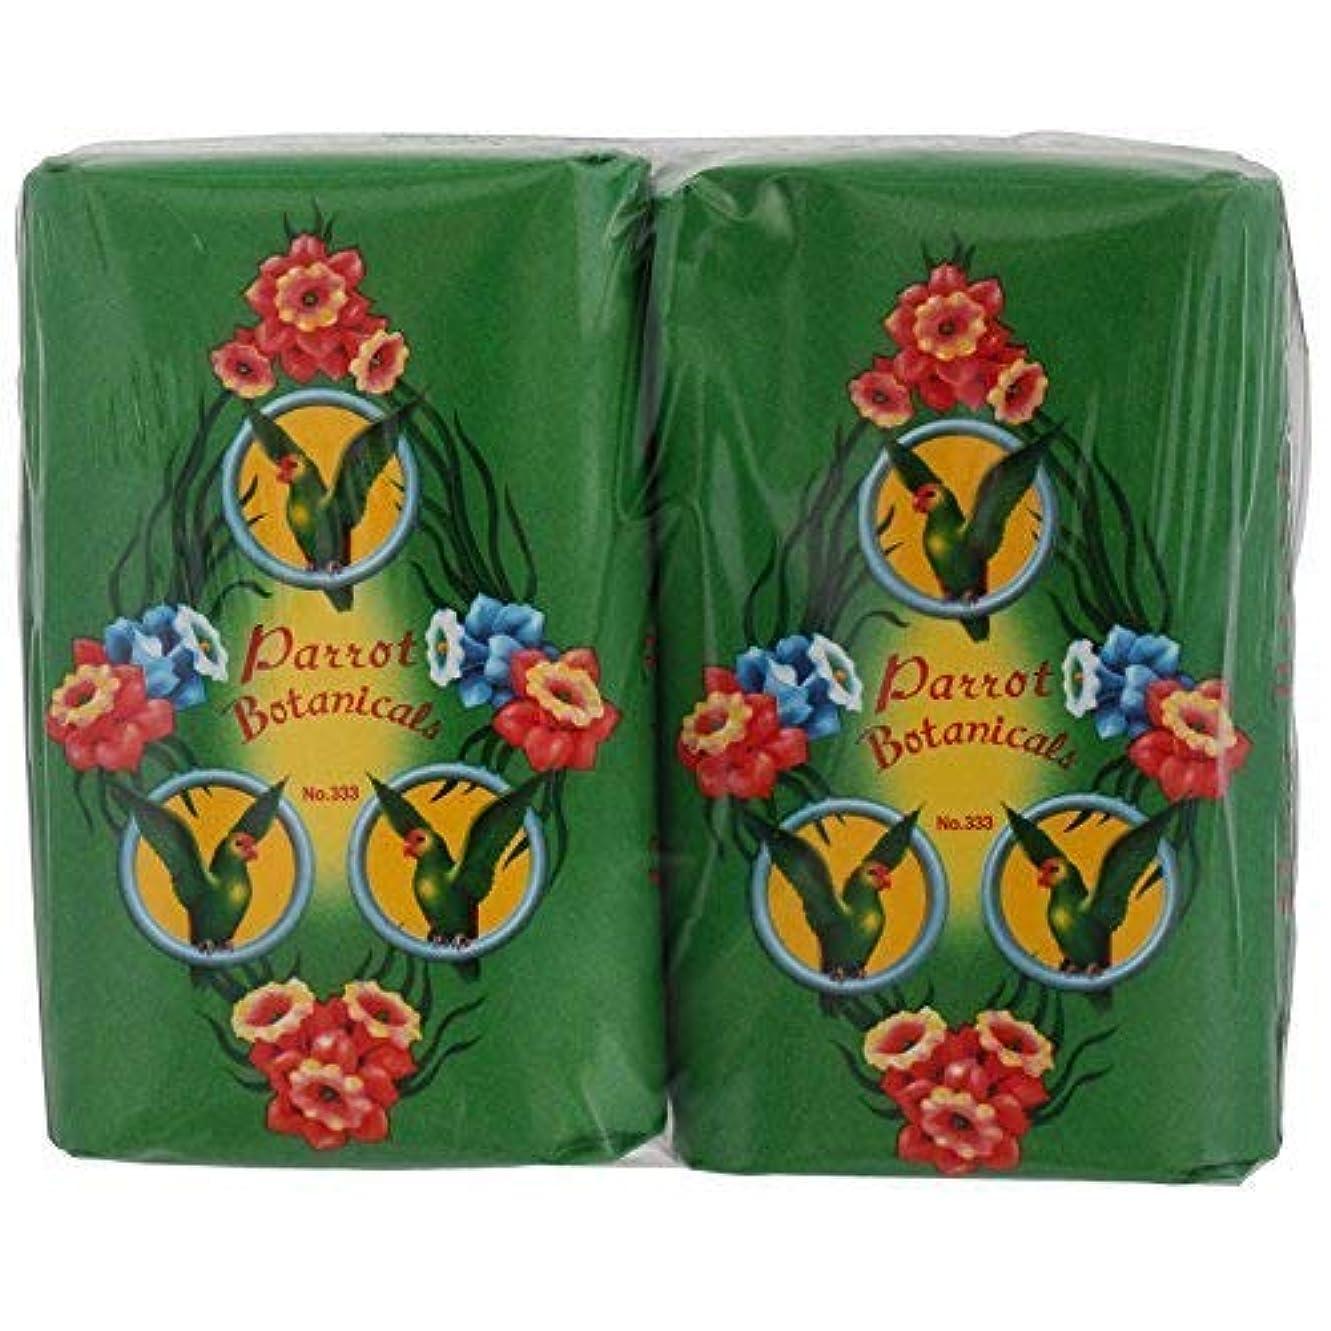 スリチンモイネズミローラーRose Thai Smile Shop Parrot Botanicals Soap Green Long Last Fragrance 105 G (Pack of 4) Free Shipping